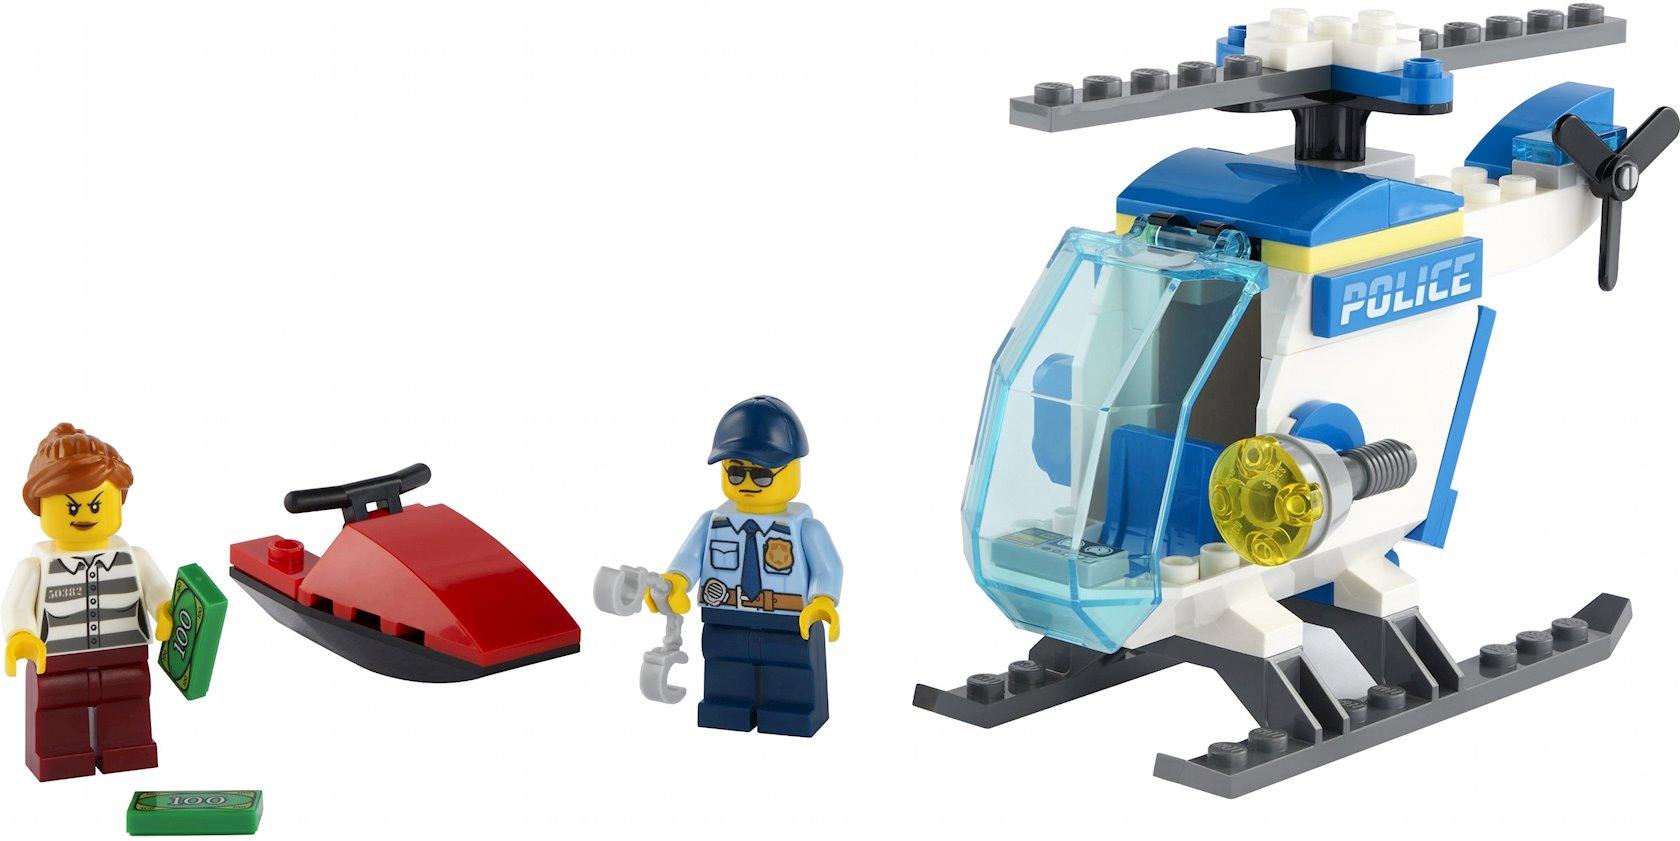 Konstruktor Lego City Polis vertolyotu